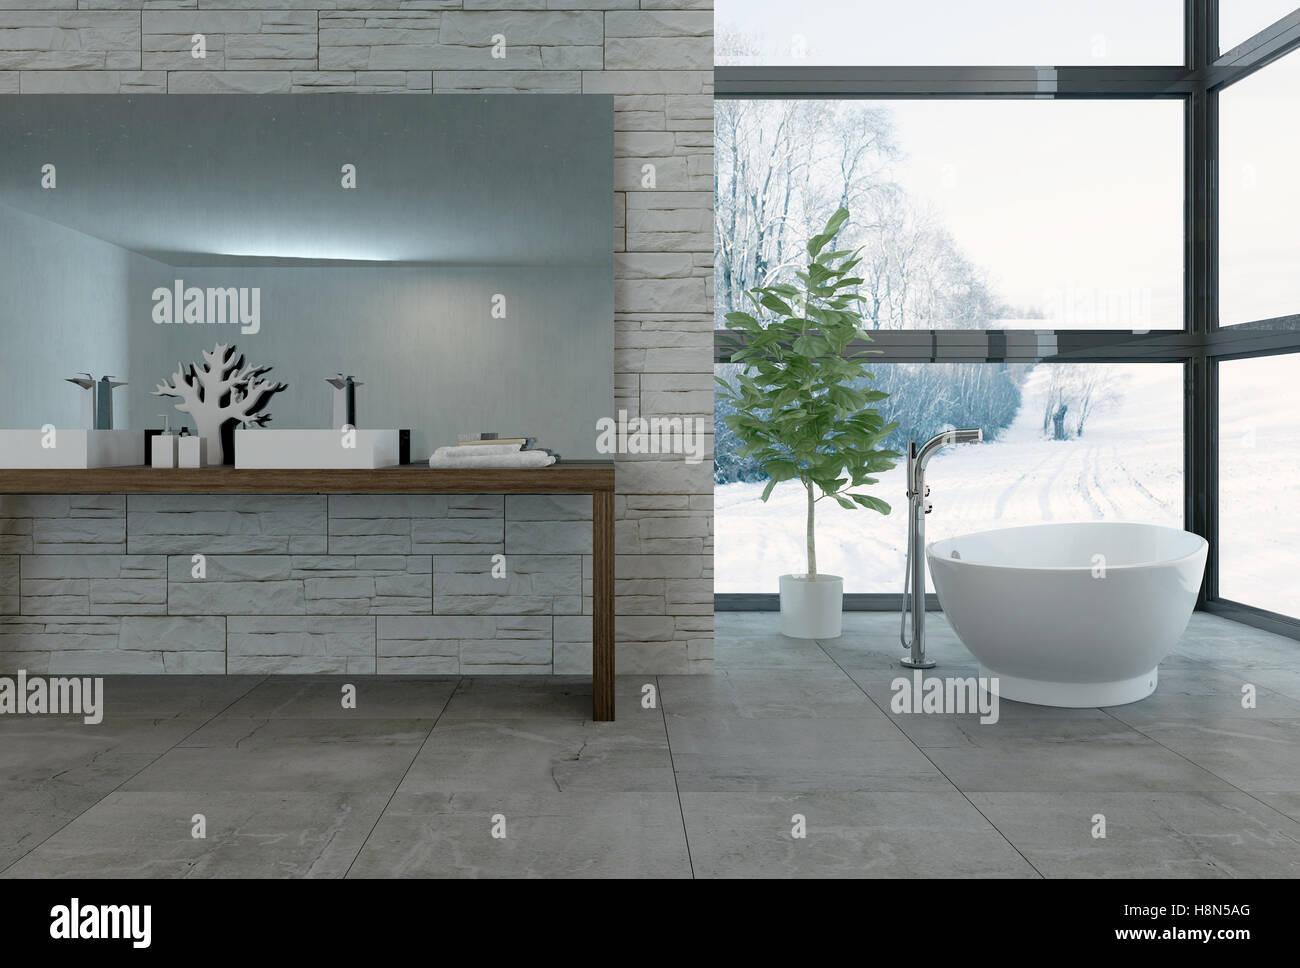 3D Rendering Badewanne Vor Großen Fenstern In Luxus Badezimmer Mit Hellen  Fensterfront Mit Blick Auf Verschneiten Landschaft